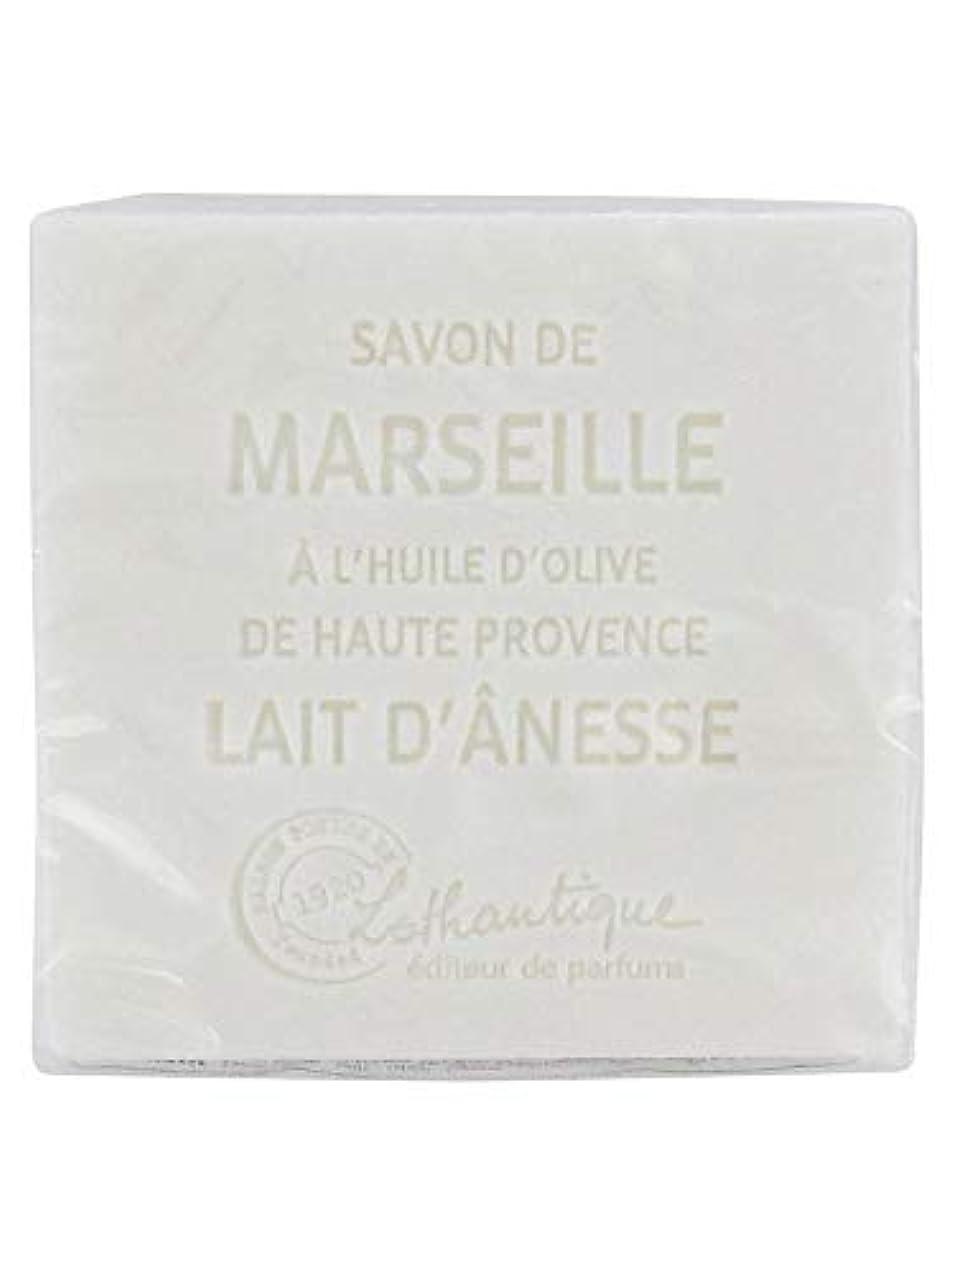 郊外アンタゴニストイースターLothantique(ロタンティック) Les savons de Marseille(マルセイユソープ) マルセイユソープ 100g 「ミルク(ロバミルク)」 3420070038043